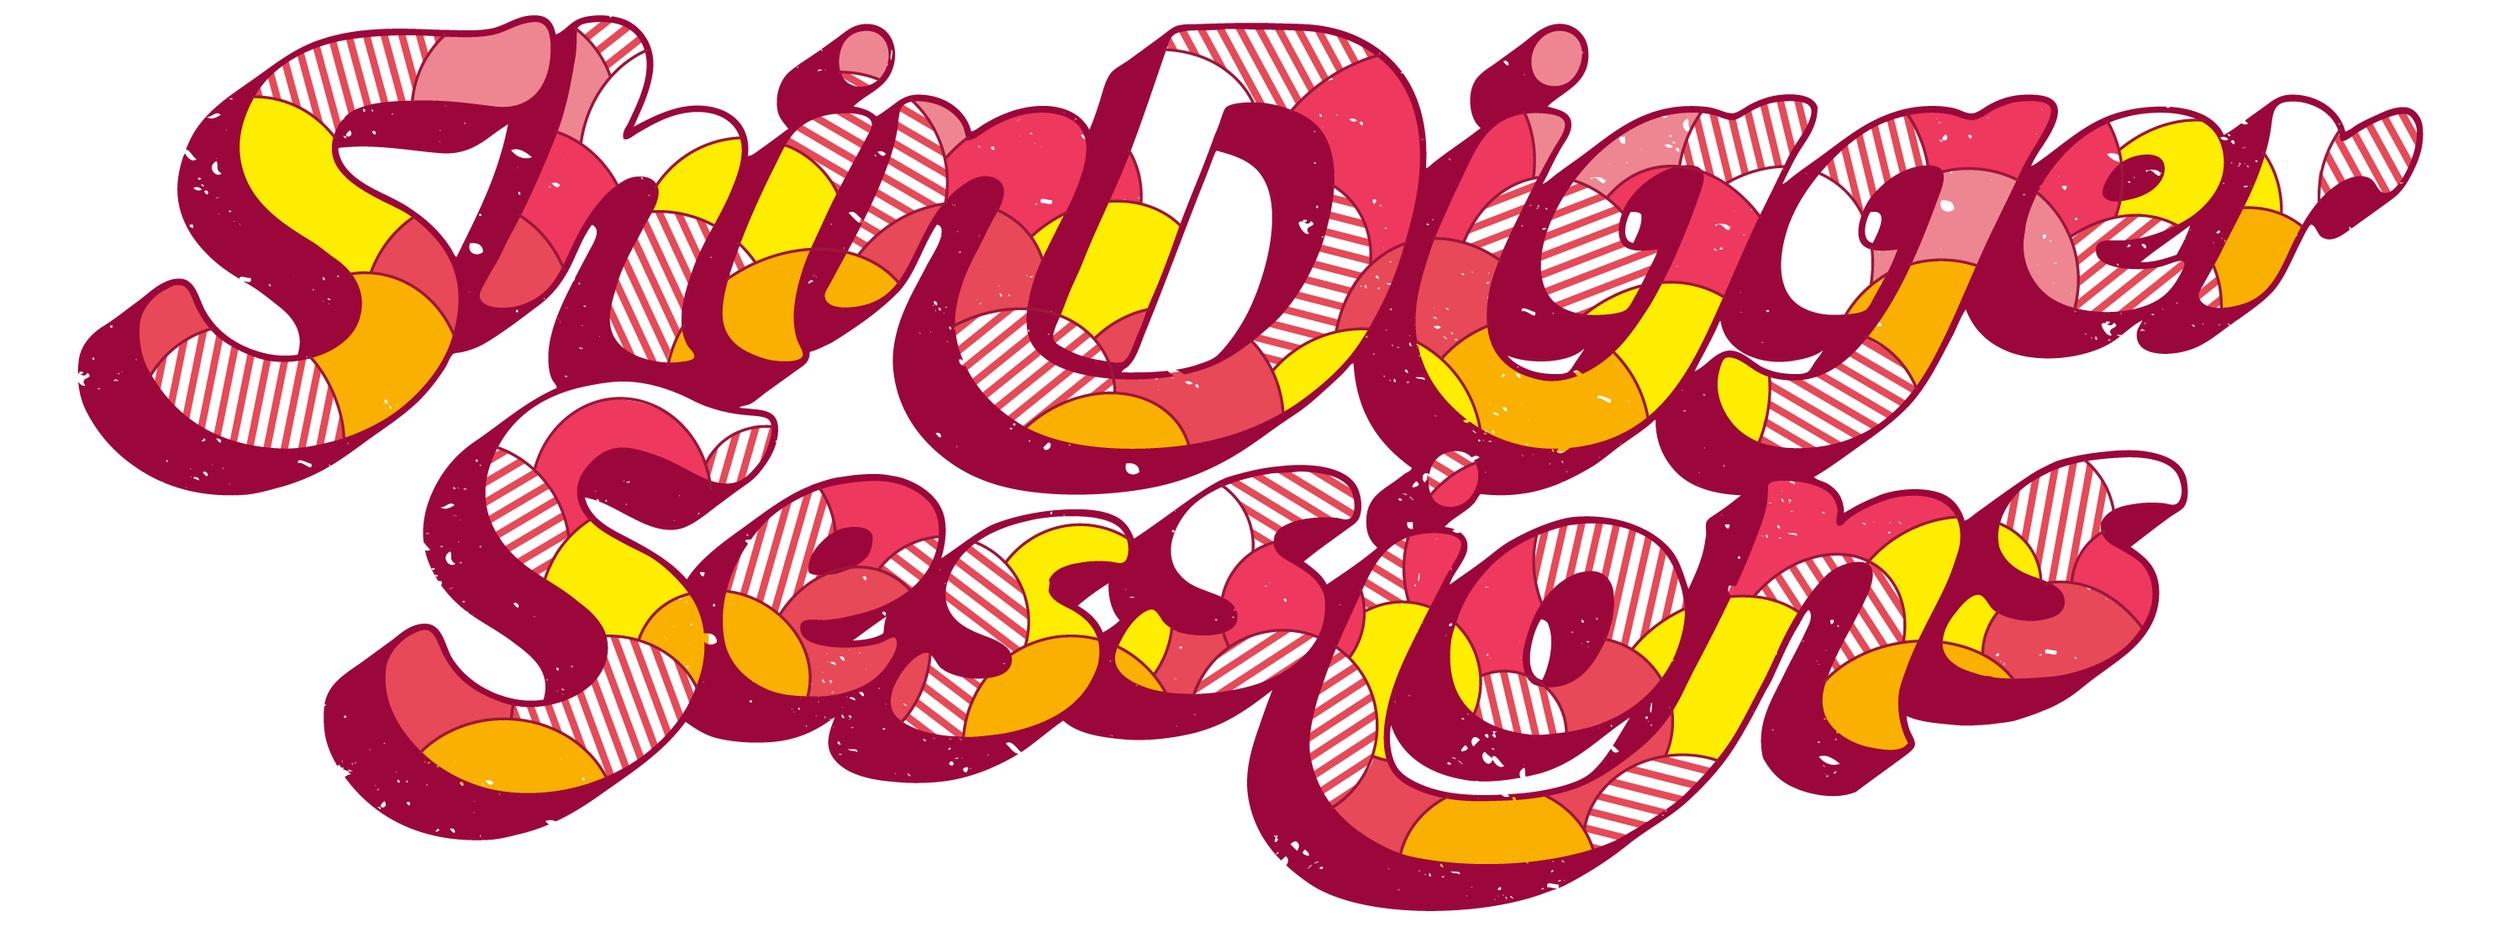 ShinDigger_Sessions_NO_MONOGRAM.jpg